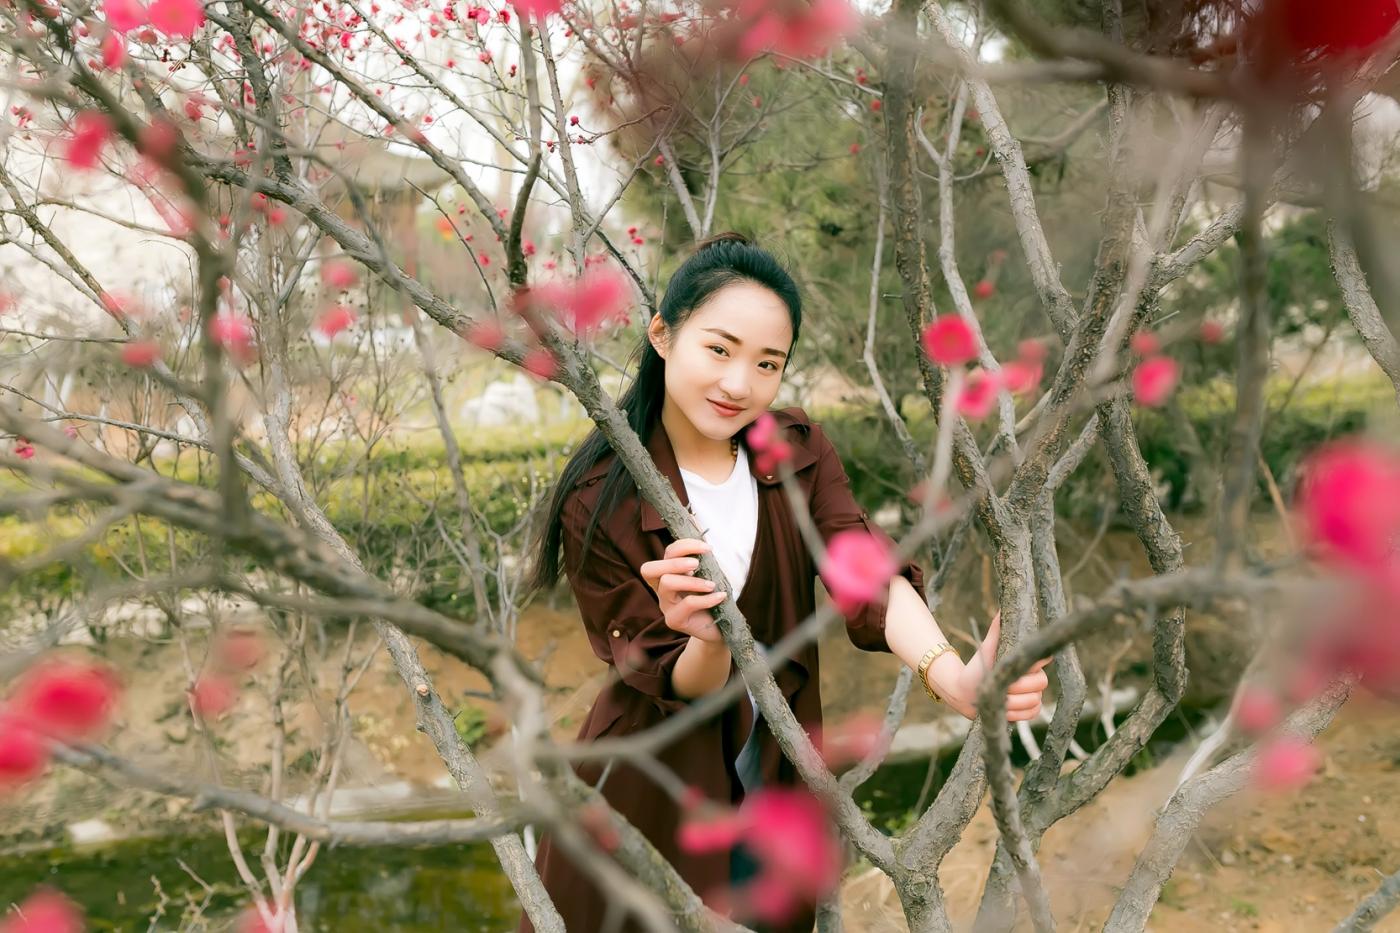 沂水雪山梅园走来一群赏梅踏春的沂蒙女孩 摄影人和女孩们成为梅园一道亮丽的风景线 ..._图1-25